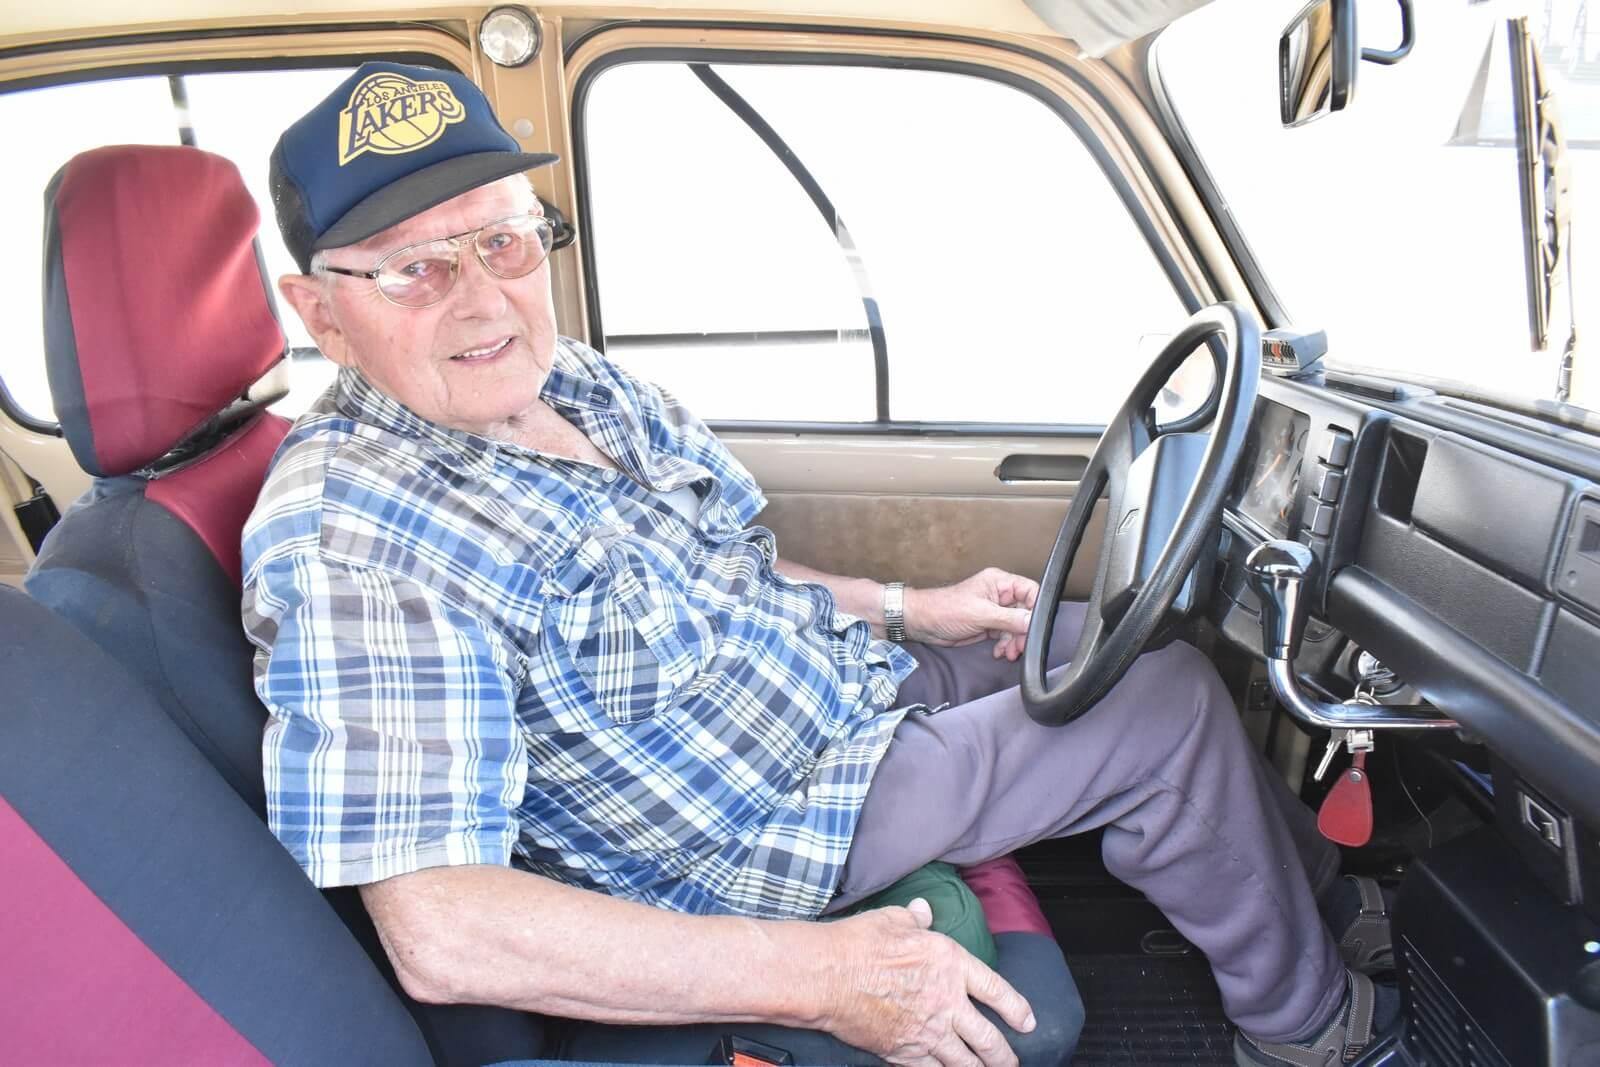 Umirovljeniku Josipu 93 su godine, a njegovom kultnom automobilu 33!